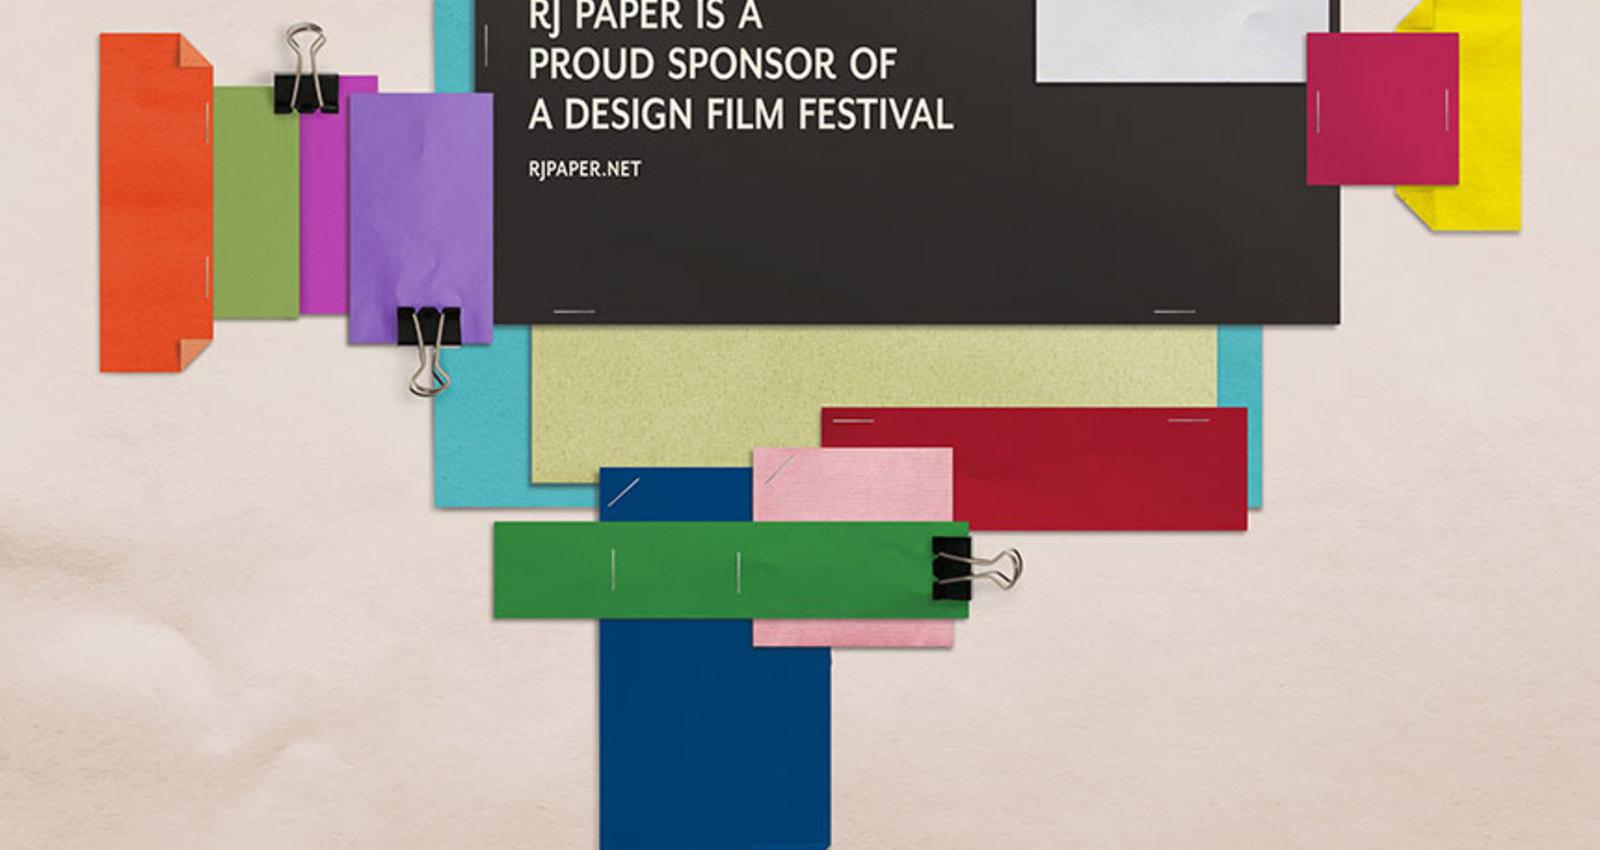 A Design Film Festival